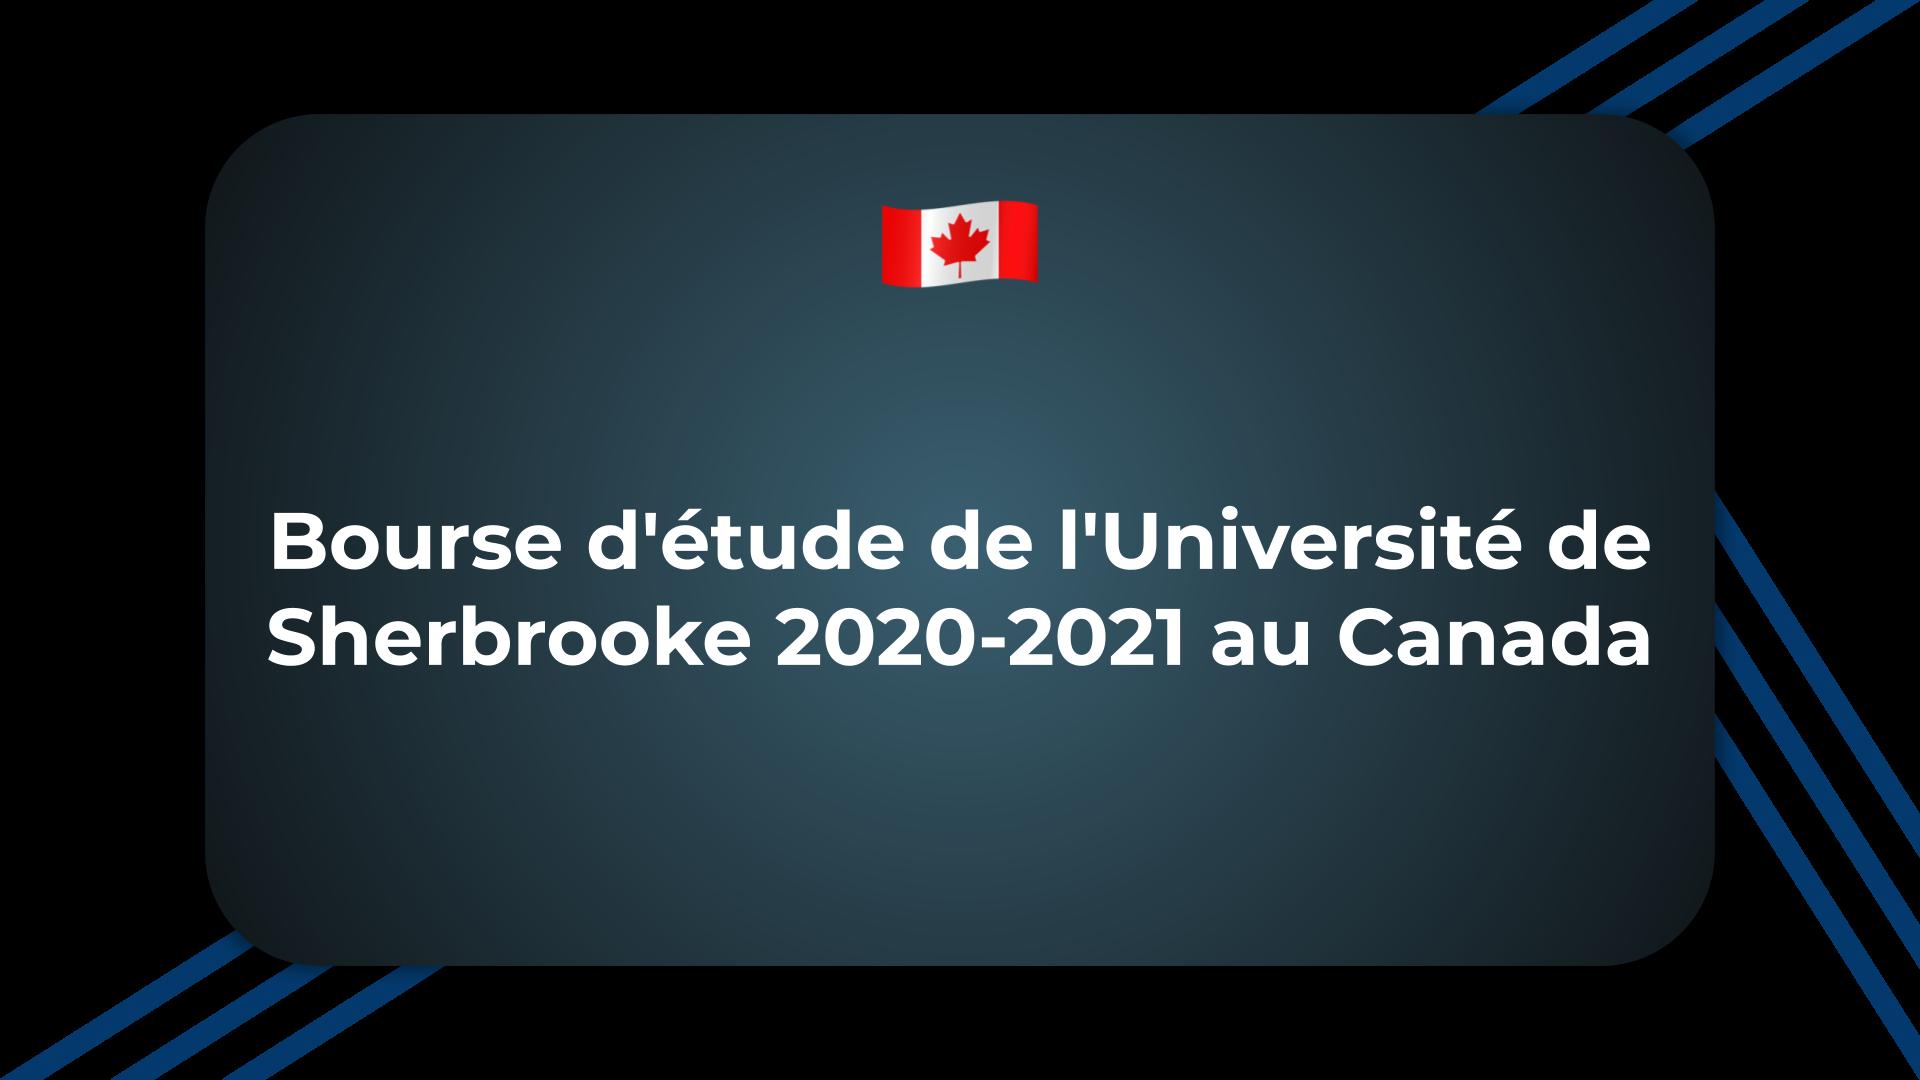 Bourse d'étude de l'Université de Sherbrooke